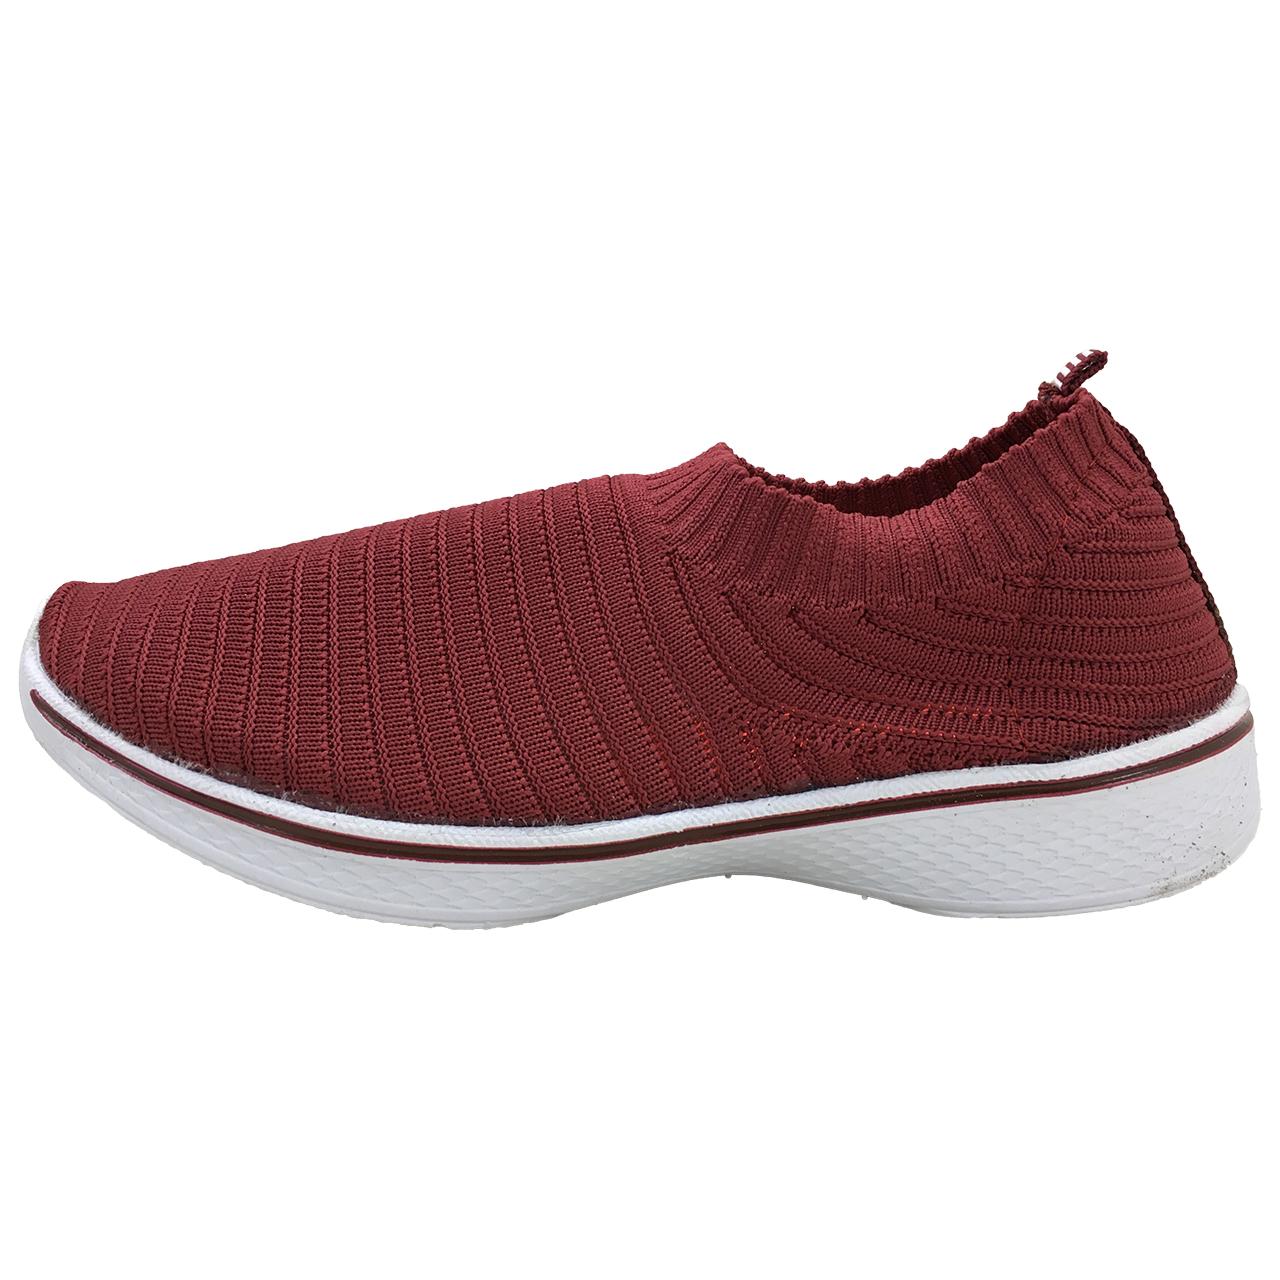 کفش مخصوص پیاده روی زنانه نسیم مدل مارسی کد 2660